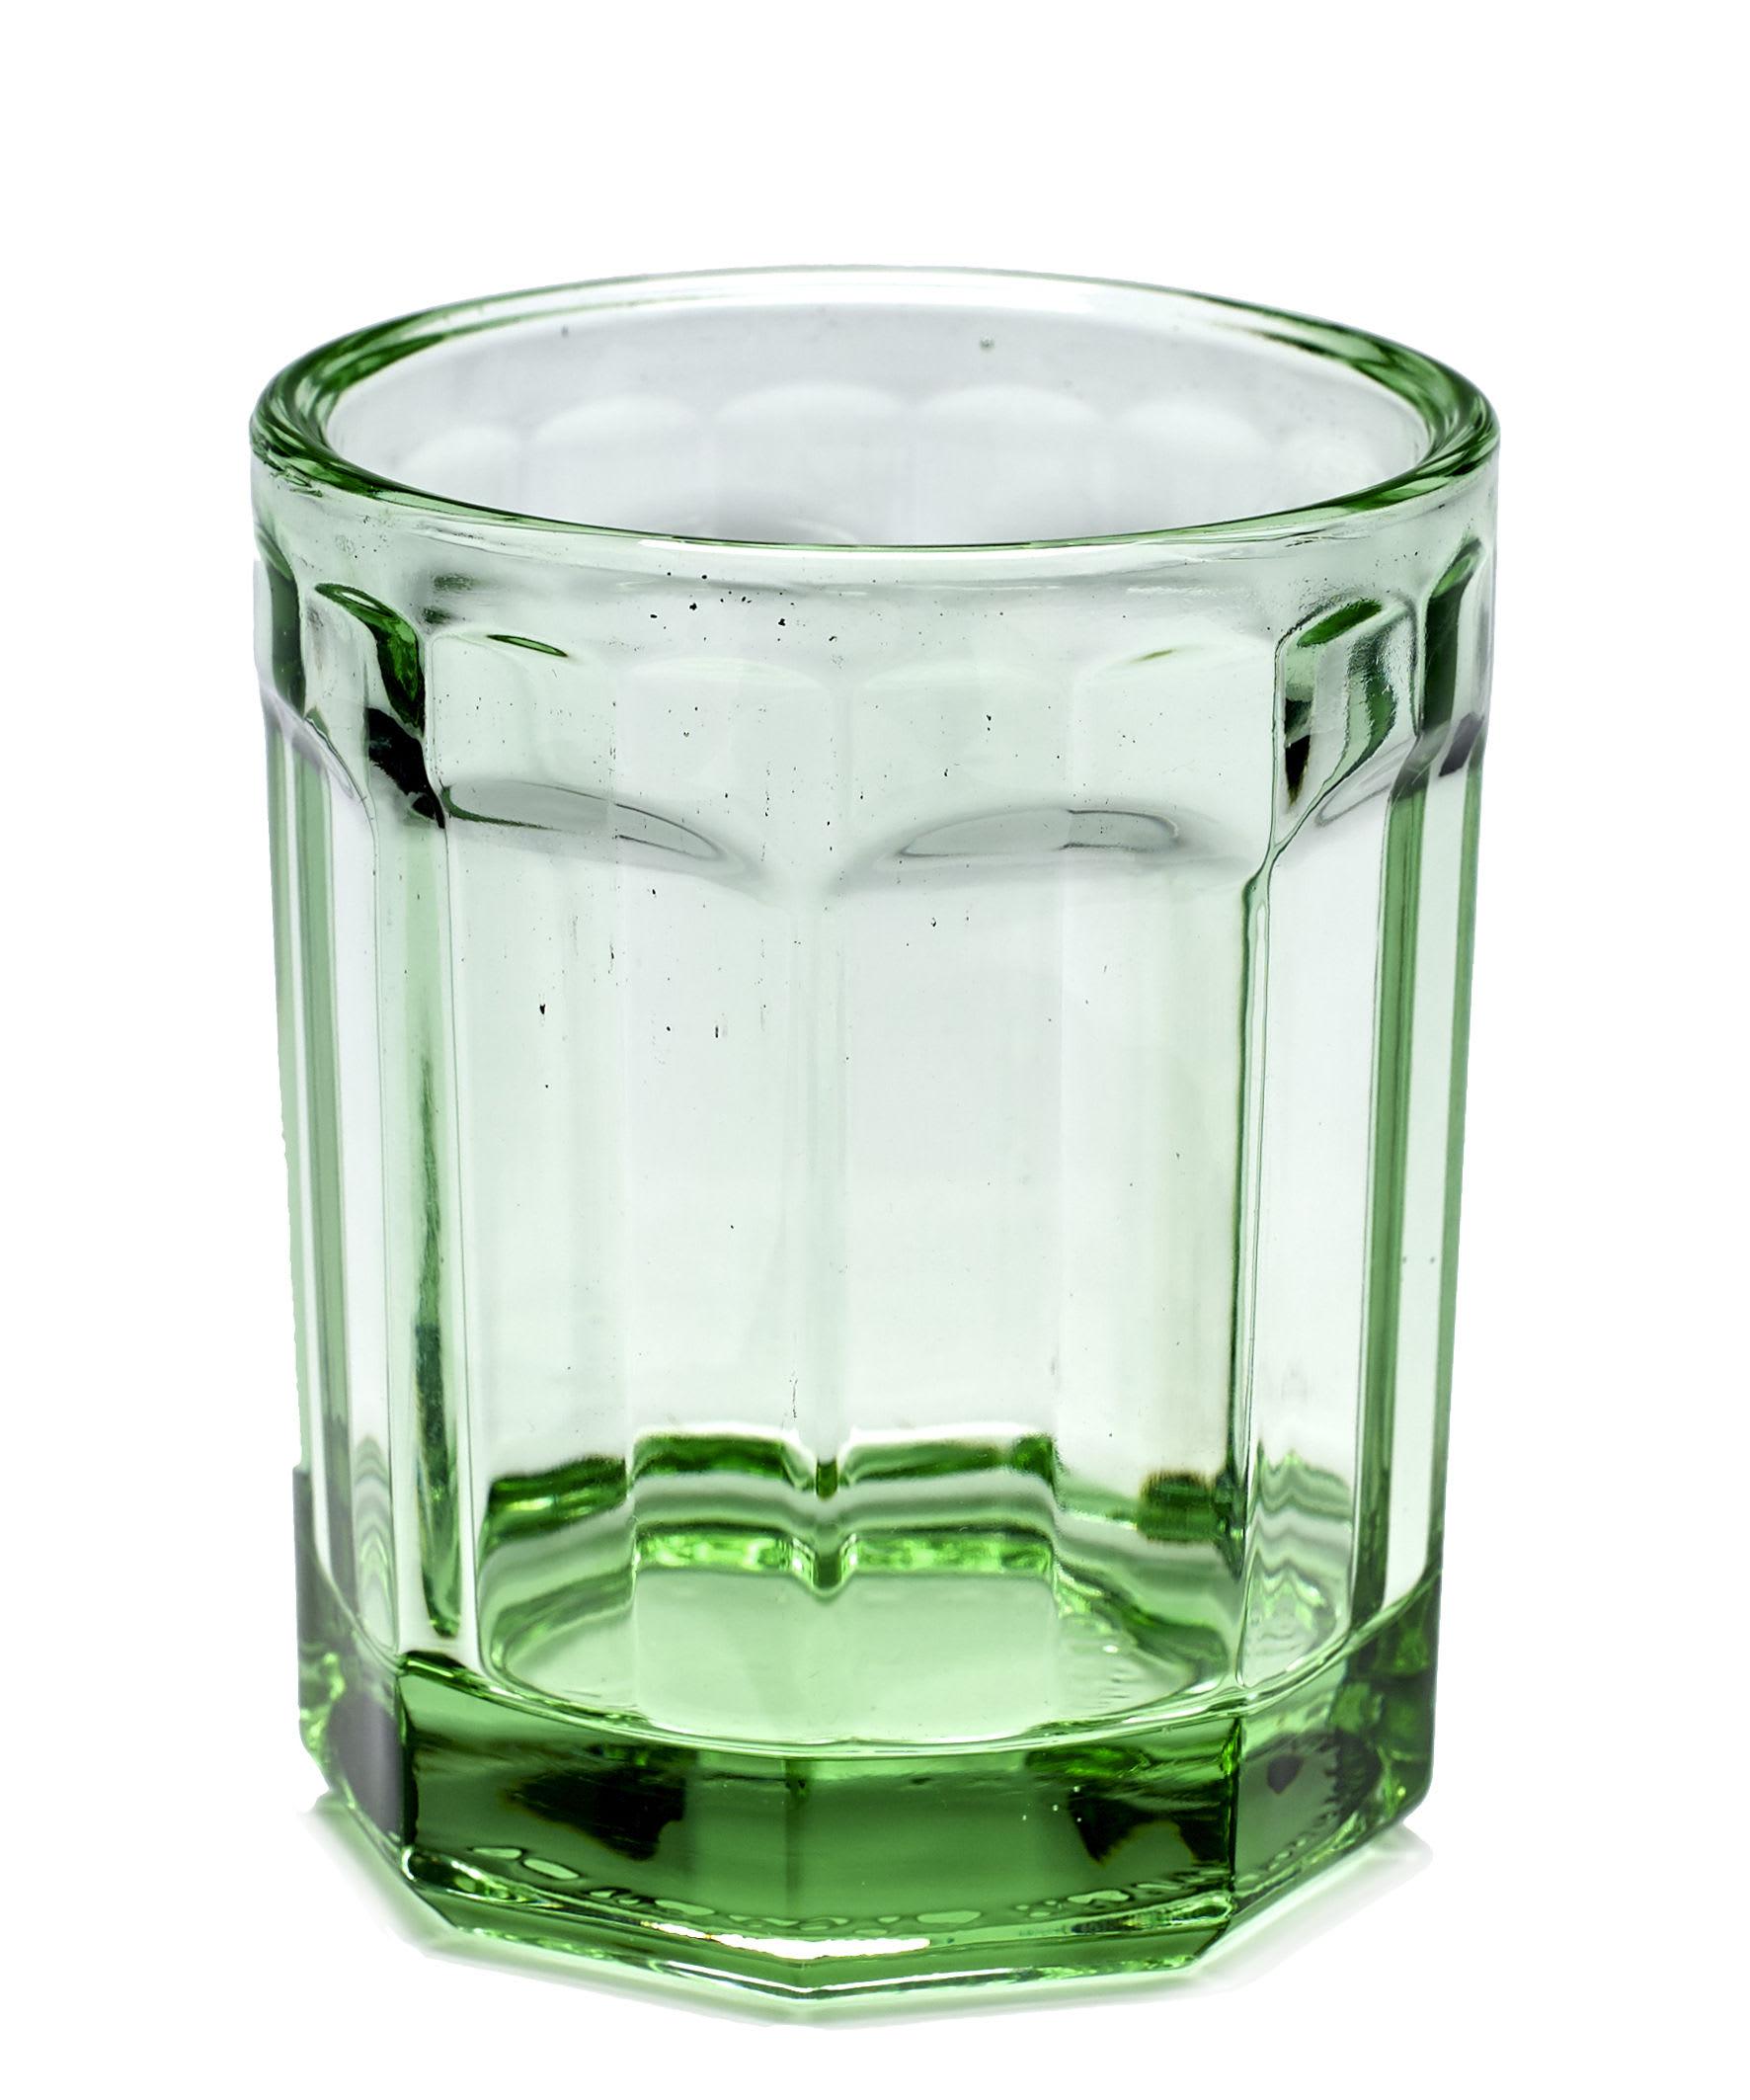 Serax Medium Green Glass Jar